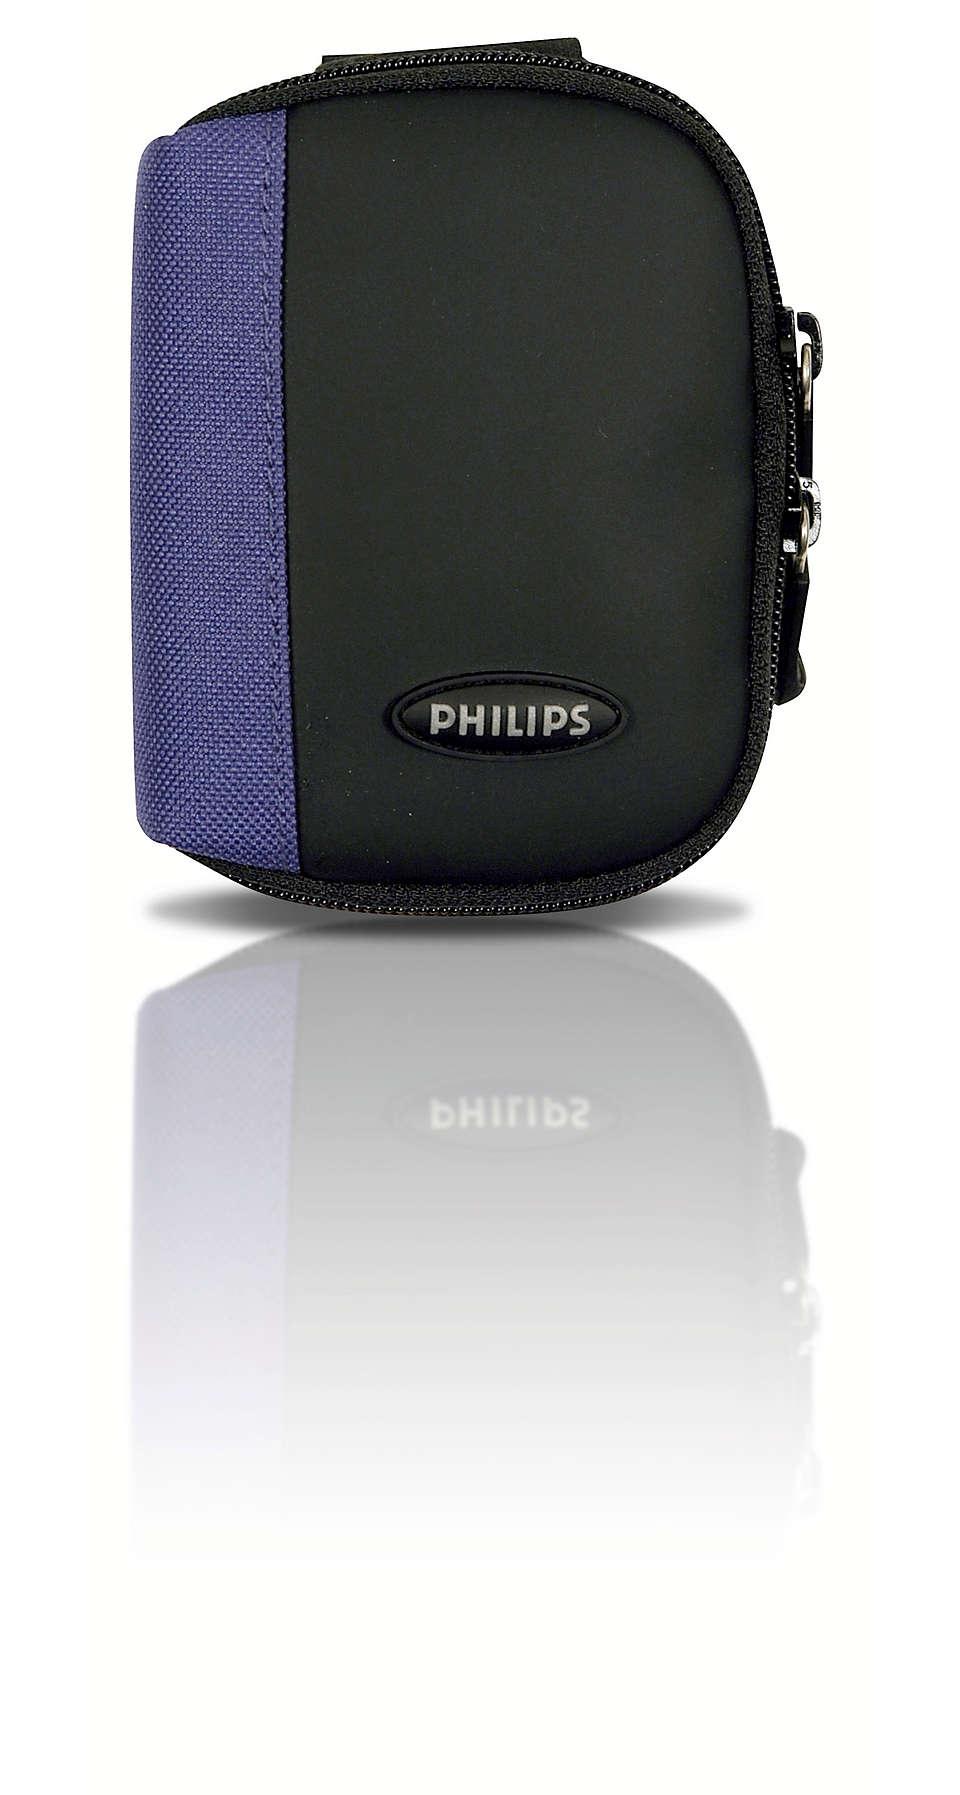 Reinigung und Schutz Ihres MP3-Players